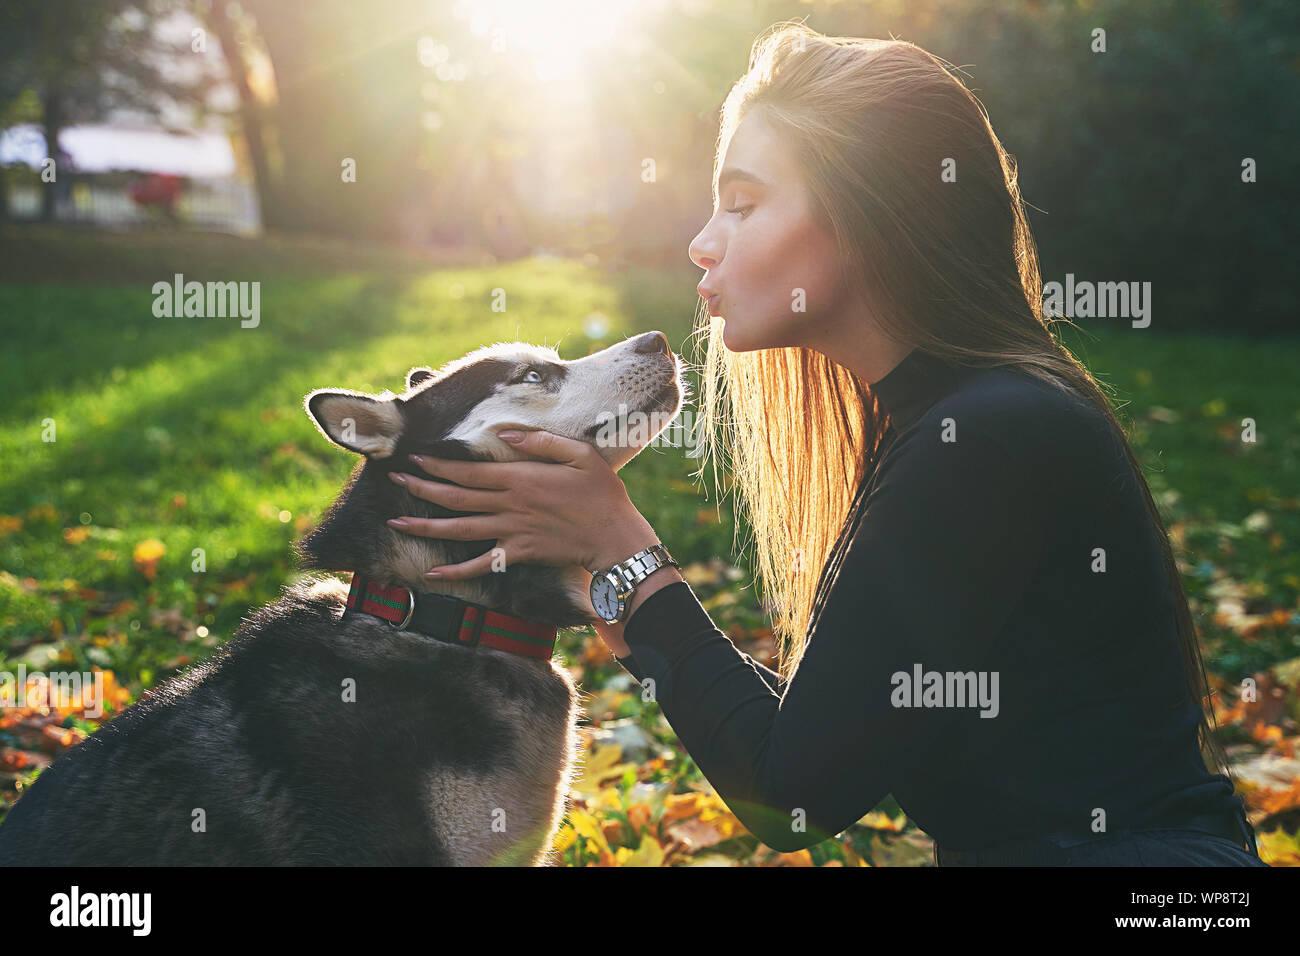 Belle jeune fille jouant avec son joli chien husky animal in autumn park couvert en rouge et jaune des feuilles mortes Banque D'Images